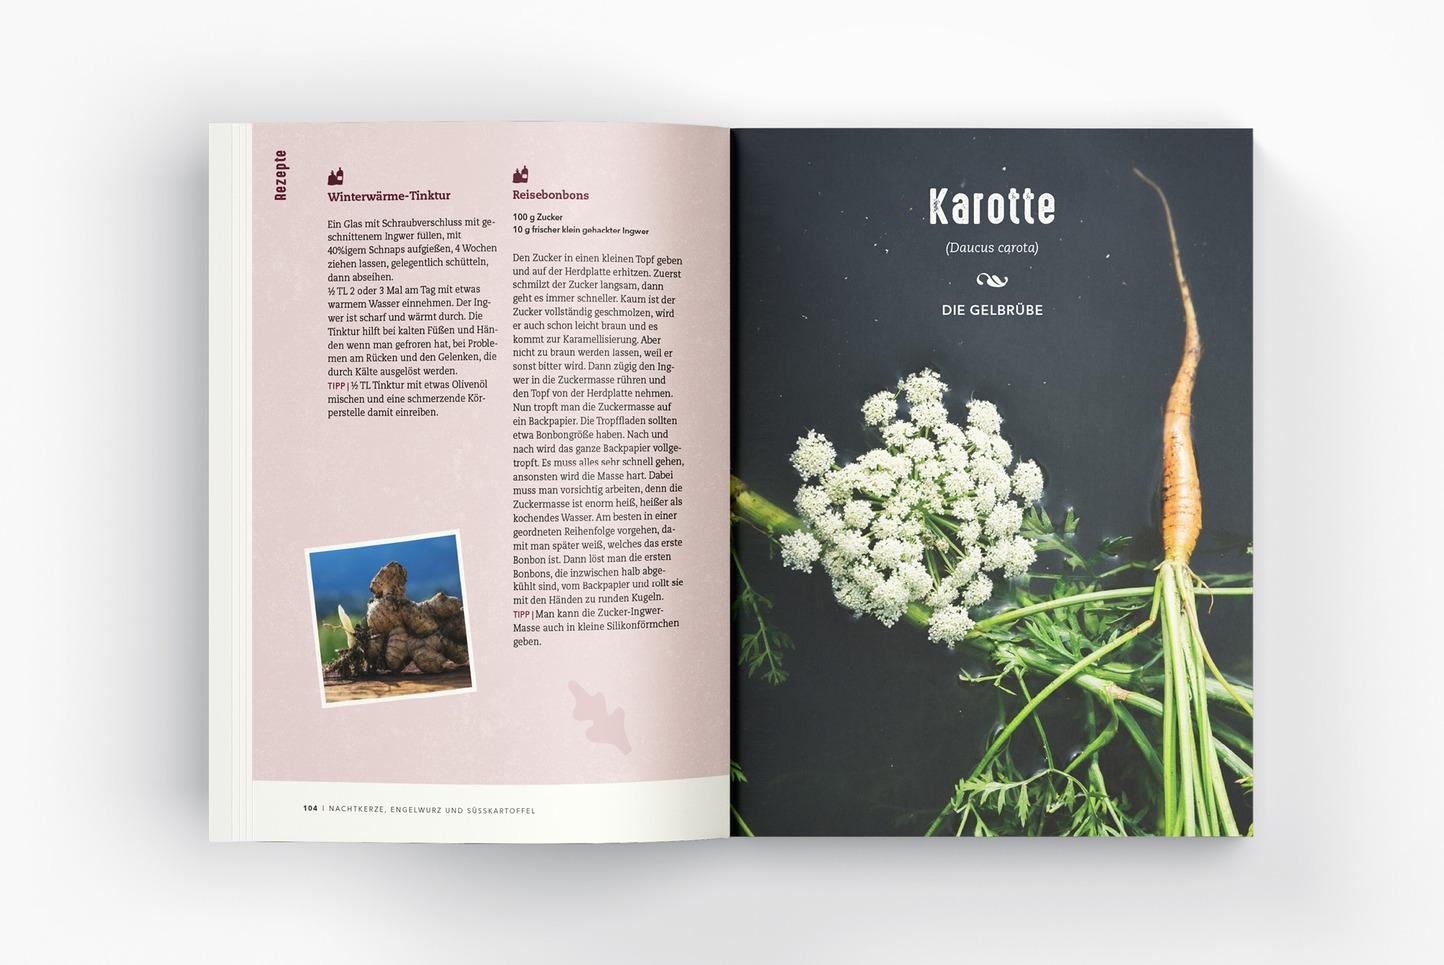 Libro di cucina / Cookbook